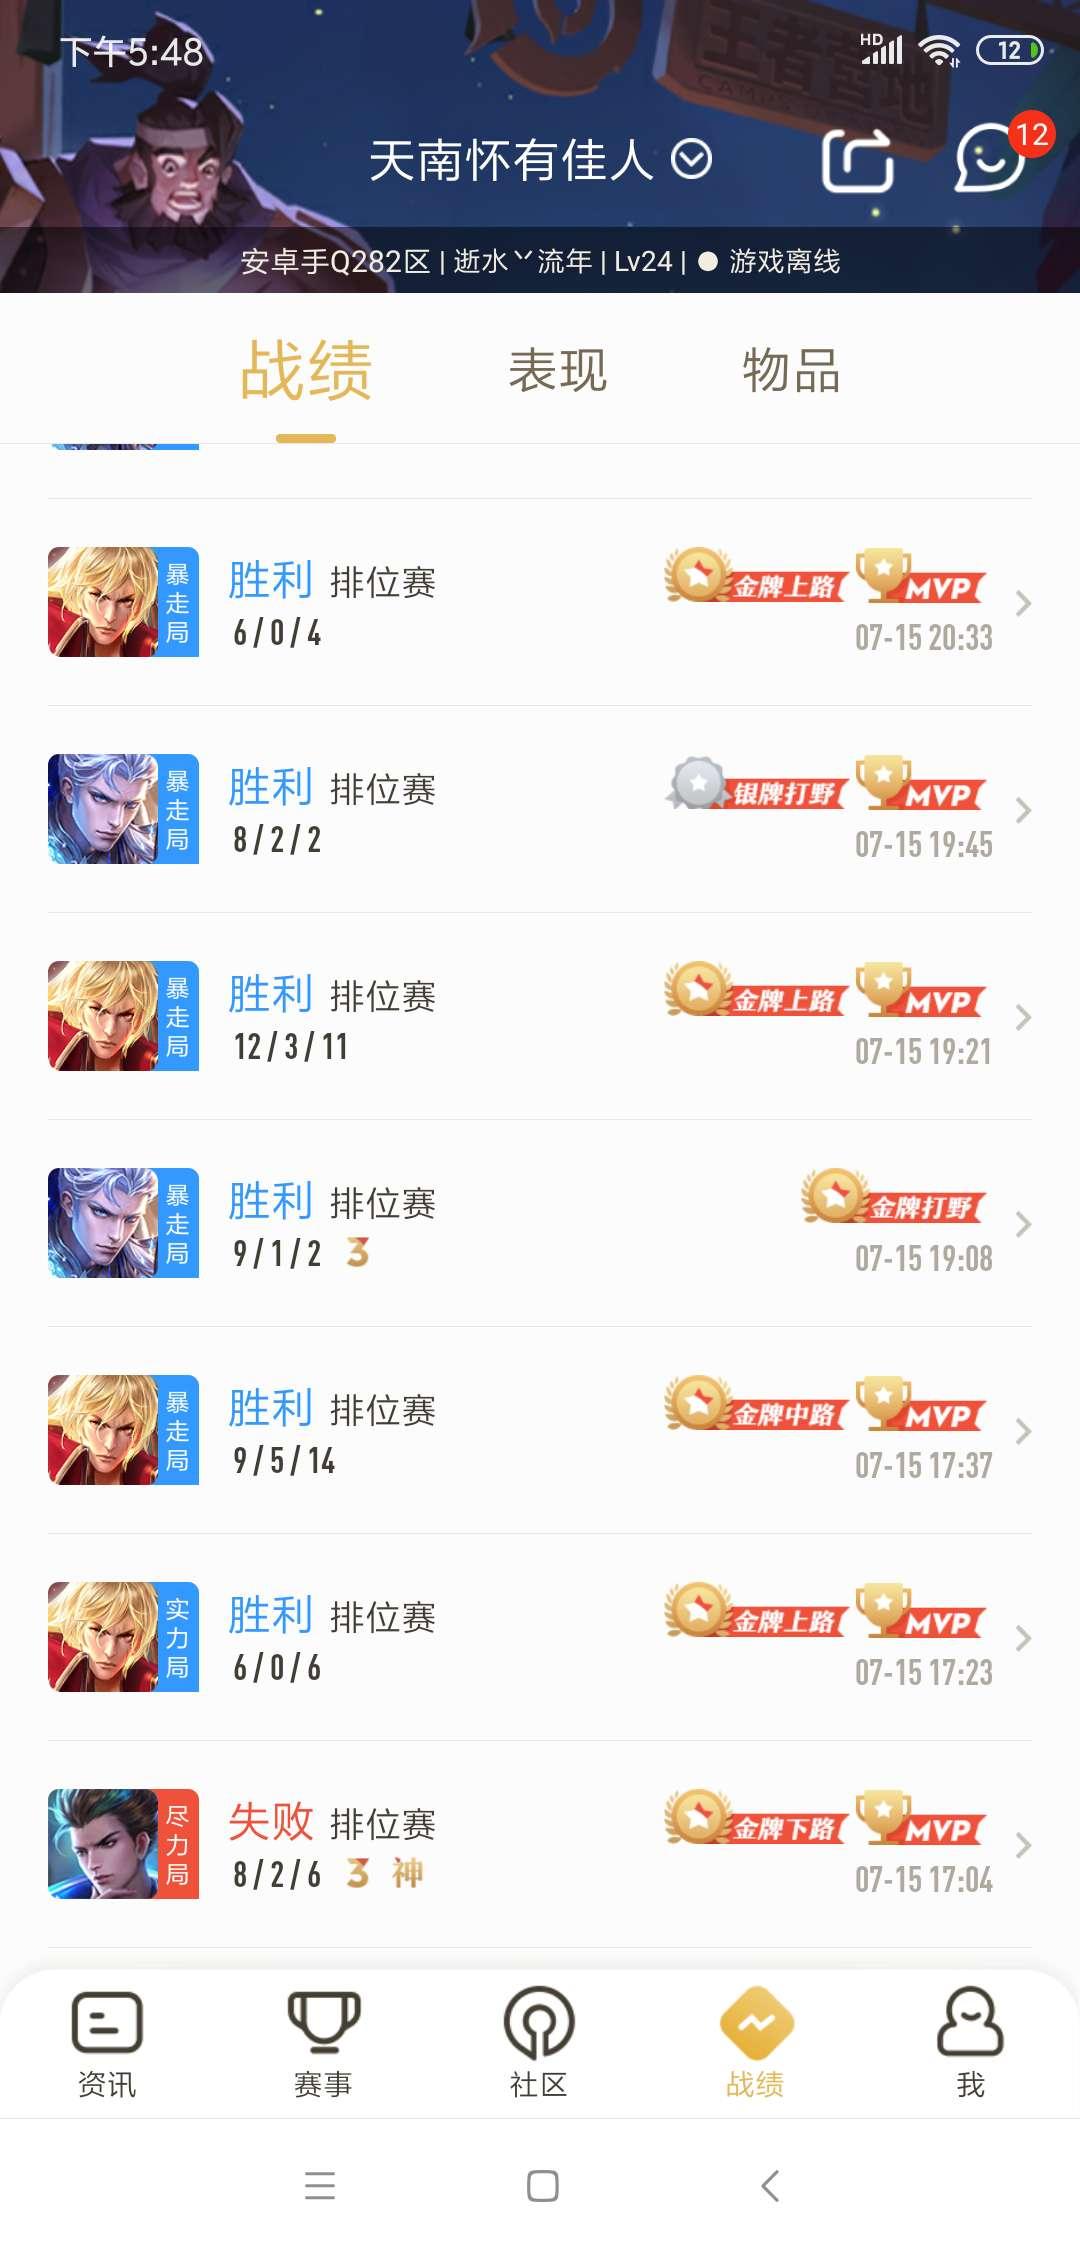 【交流】小号钻石目前钻石5,看上今天晚上开车-www.im86.com